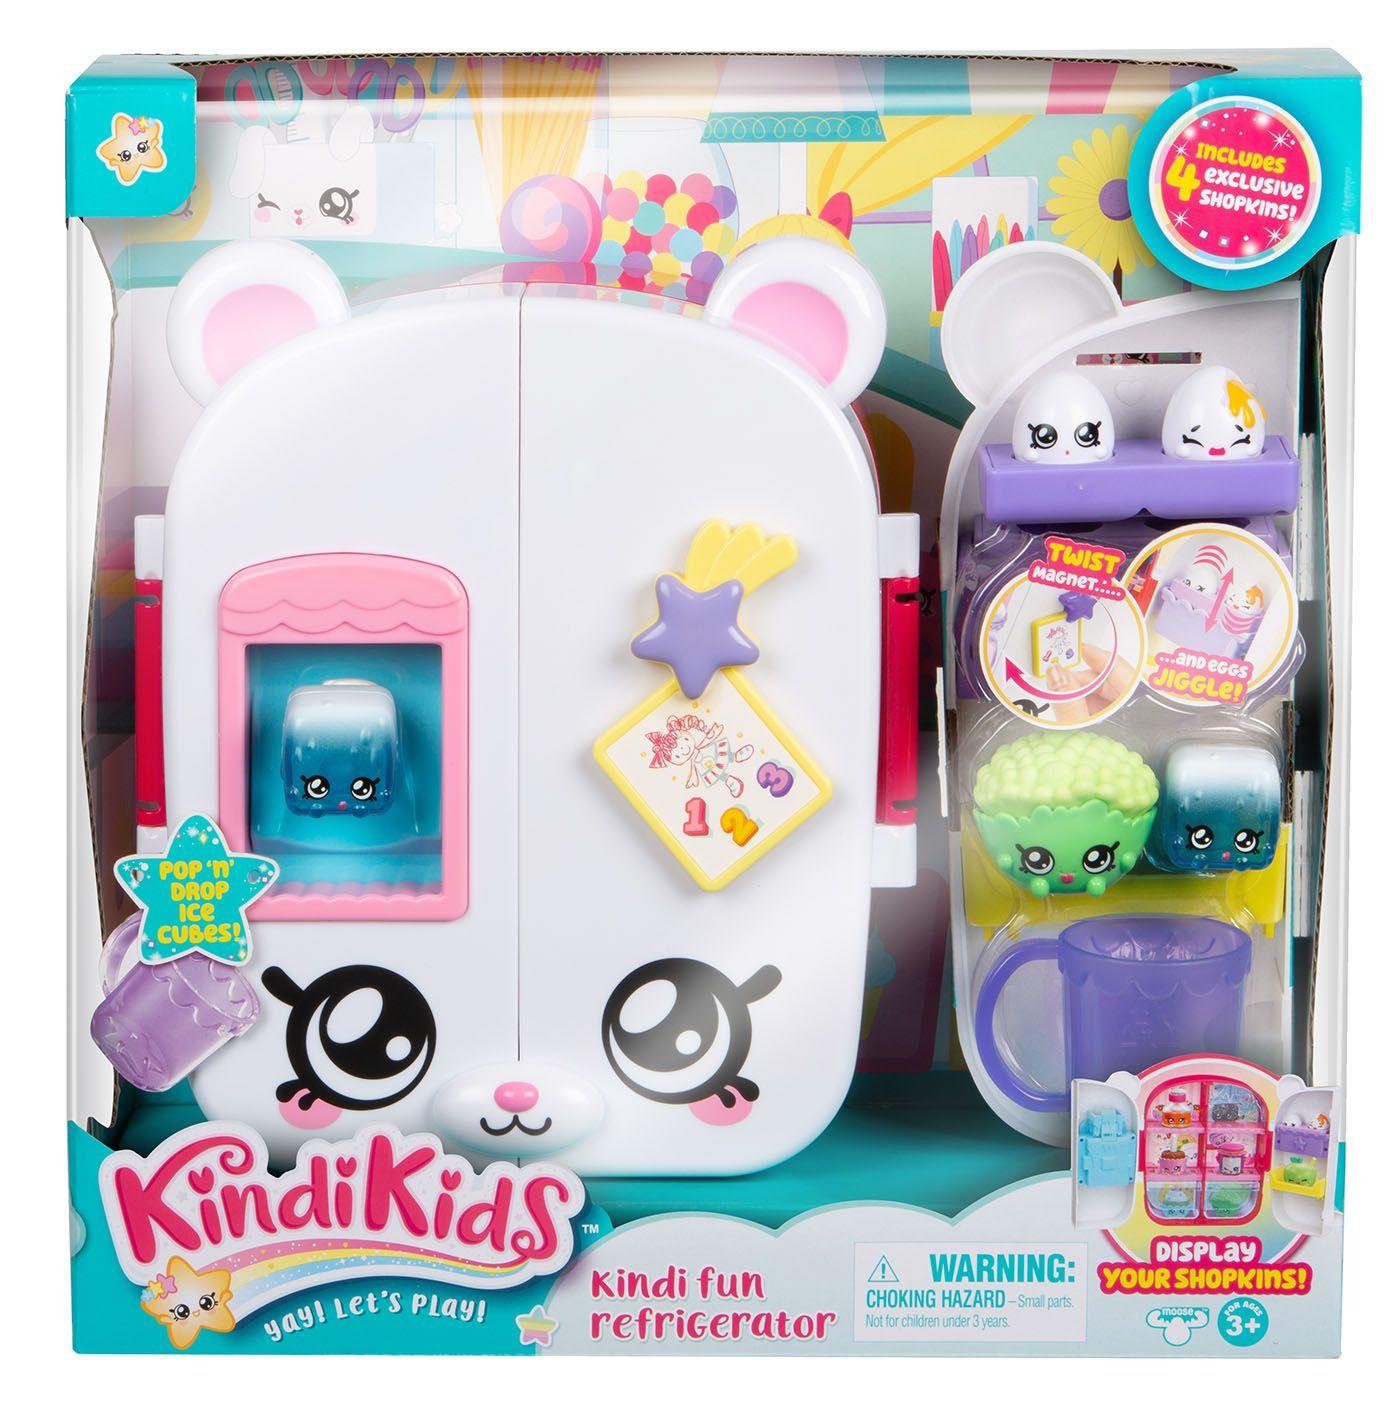 Fun Refrigerator Moose Toys Shopkins Target For Girls Cool